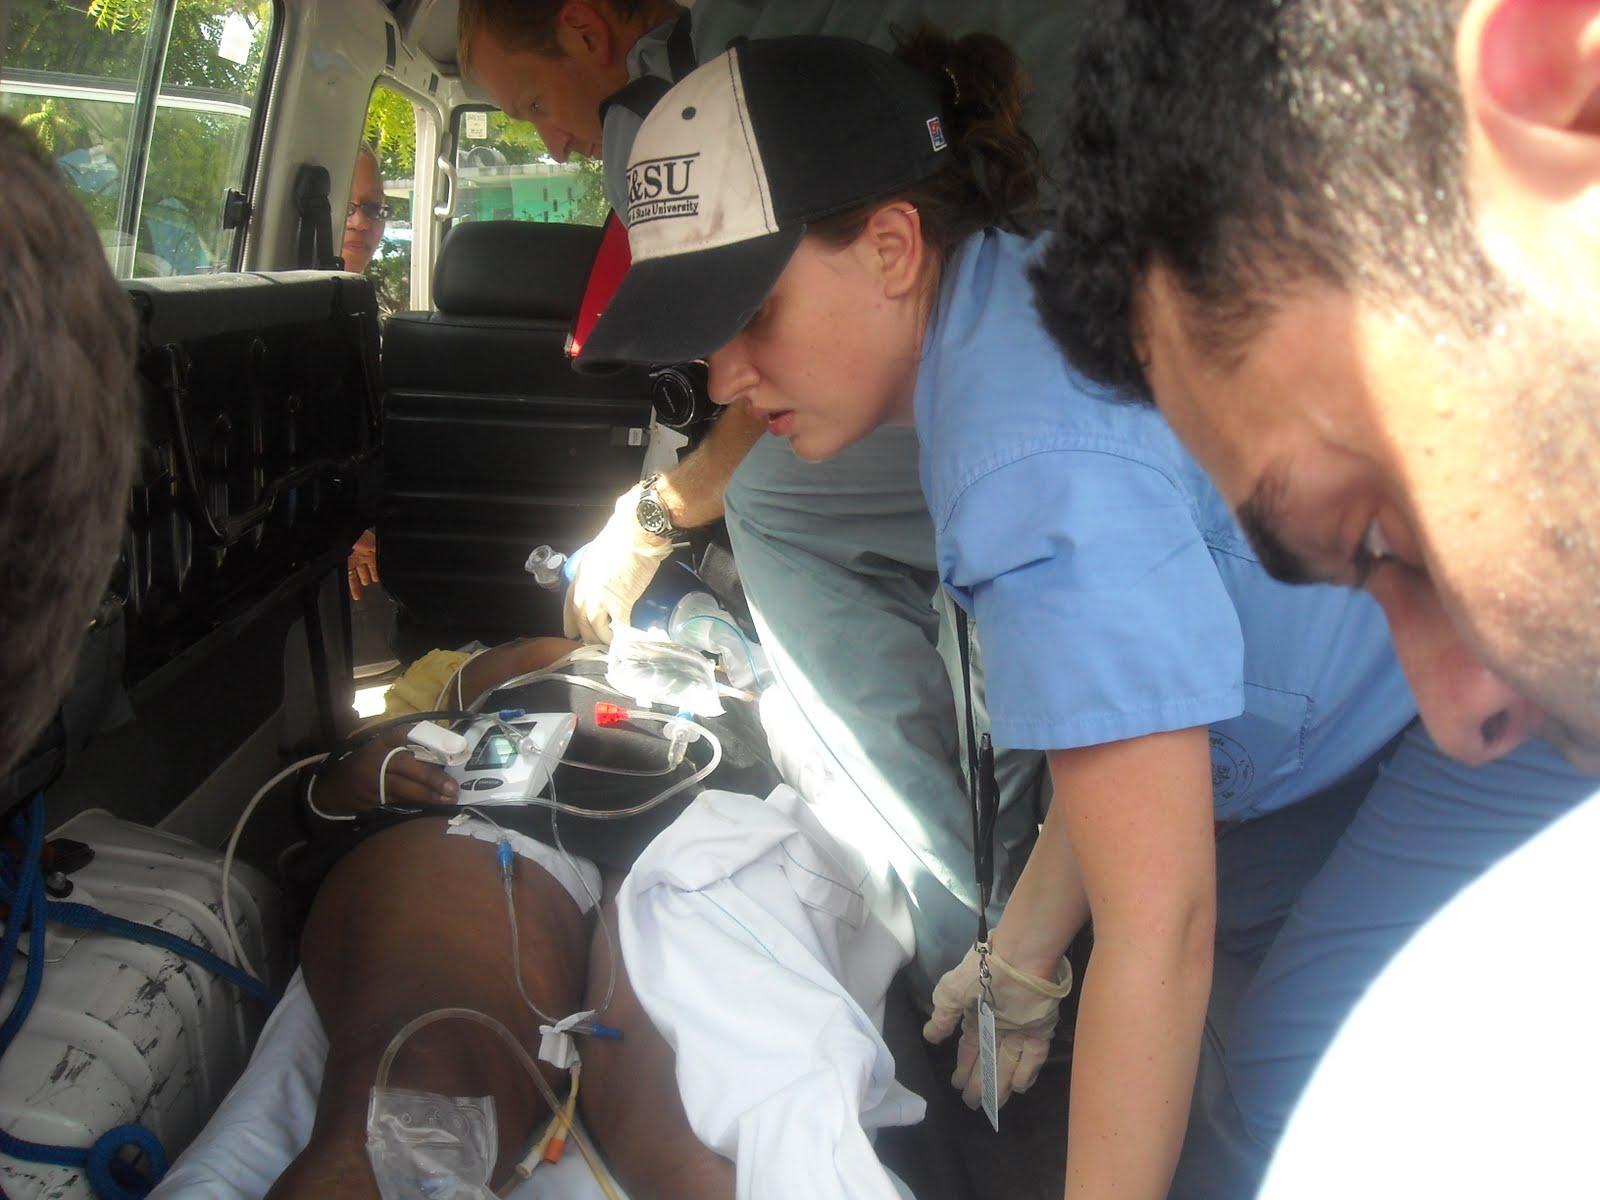 Rover turned ambulance I